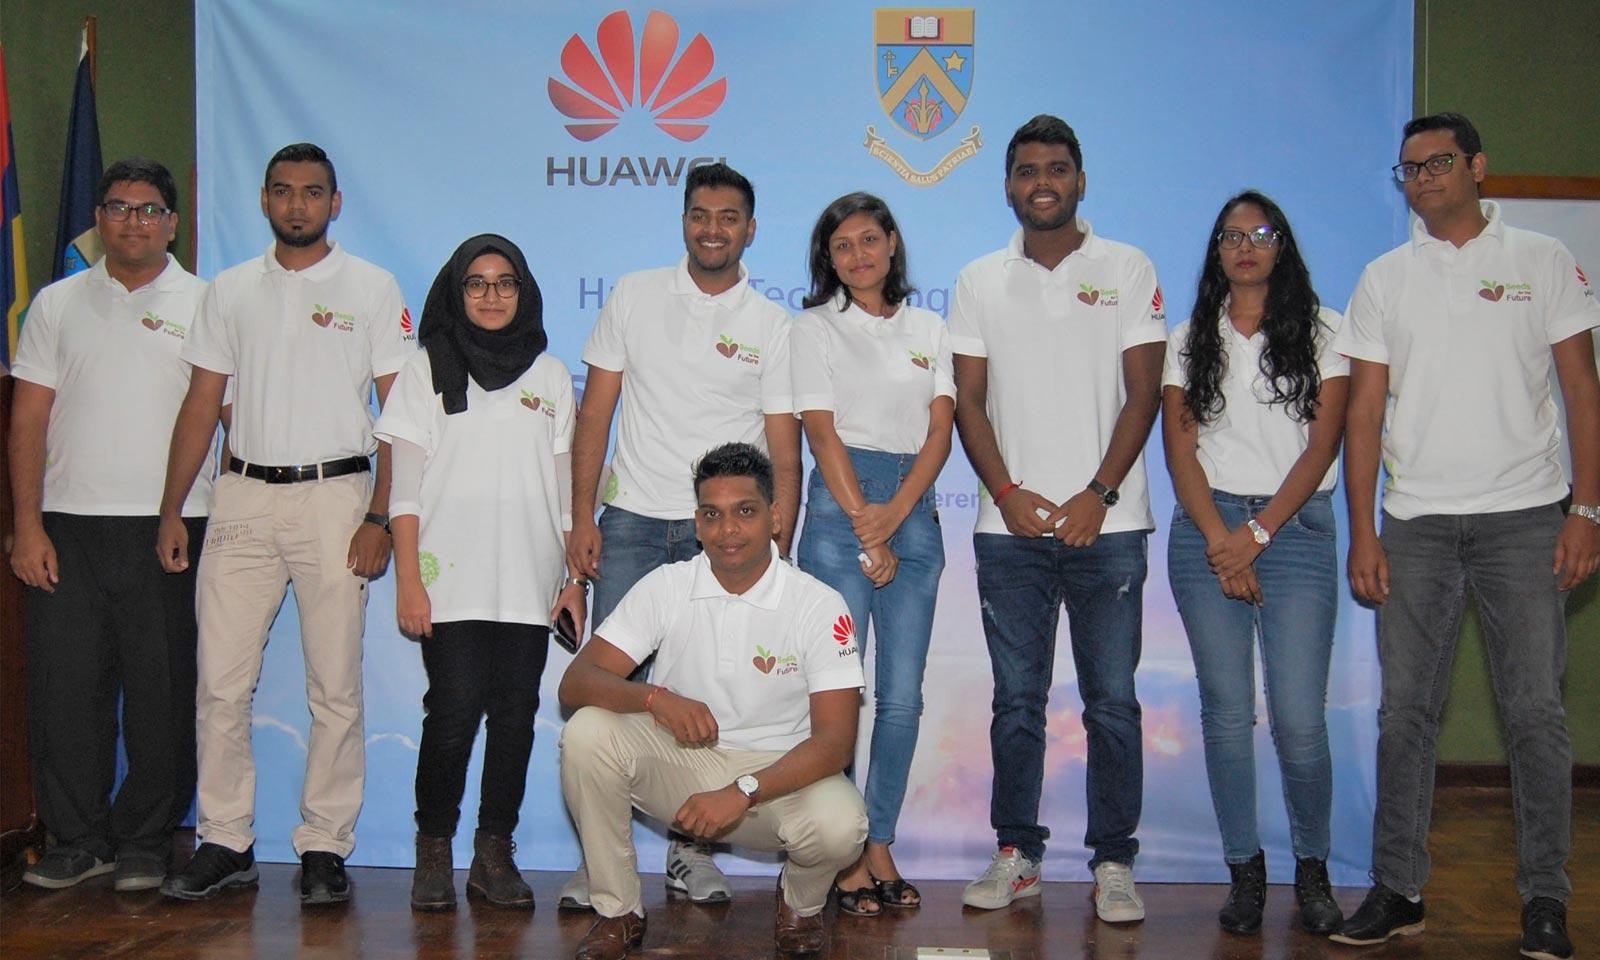 Huawei sème les graines d'un futur immergé dans la technologie !